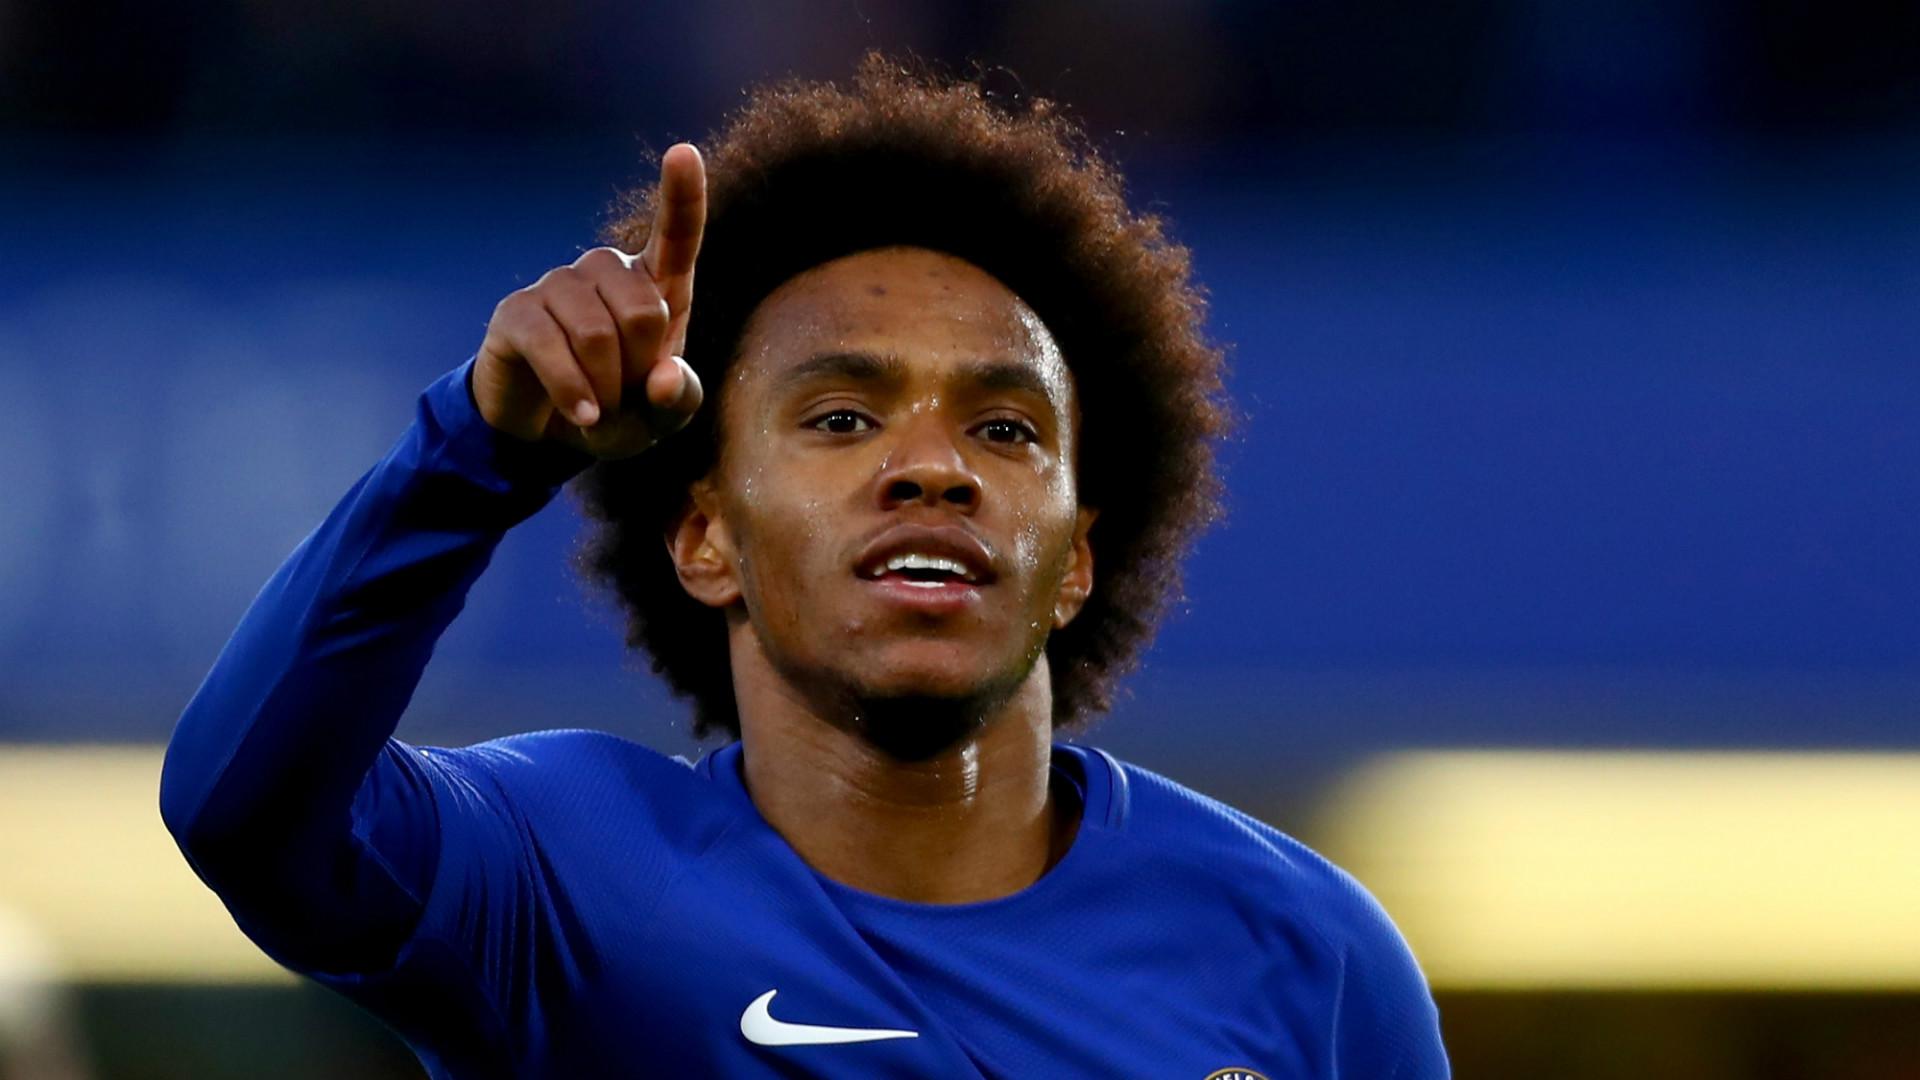 Transfer news &rumours LIVE: Chelsea reject £50 million Barcelona bid for Willian